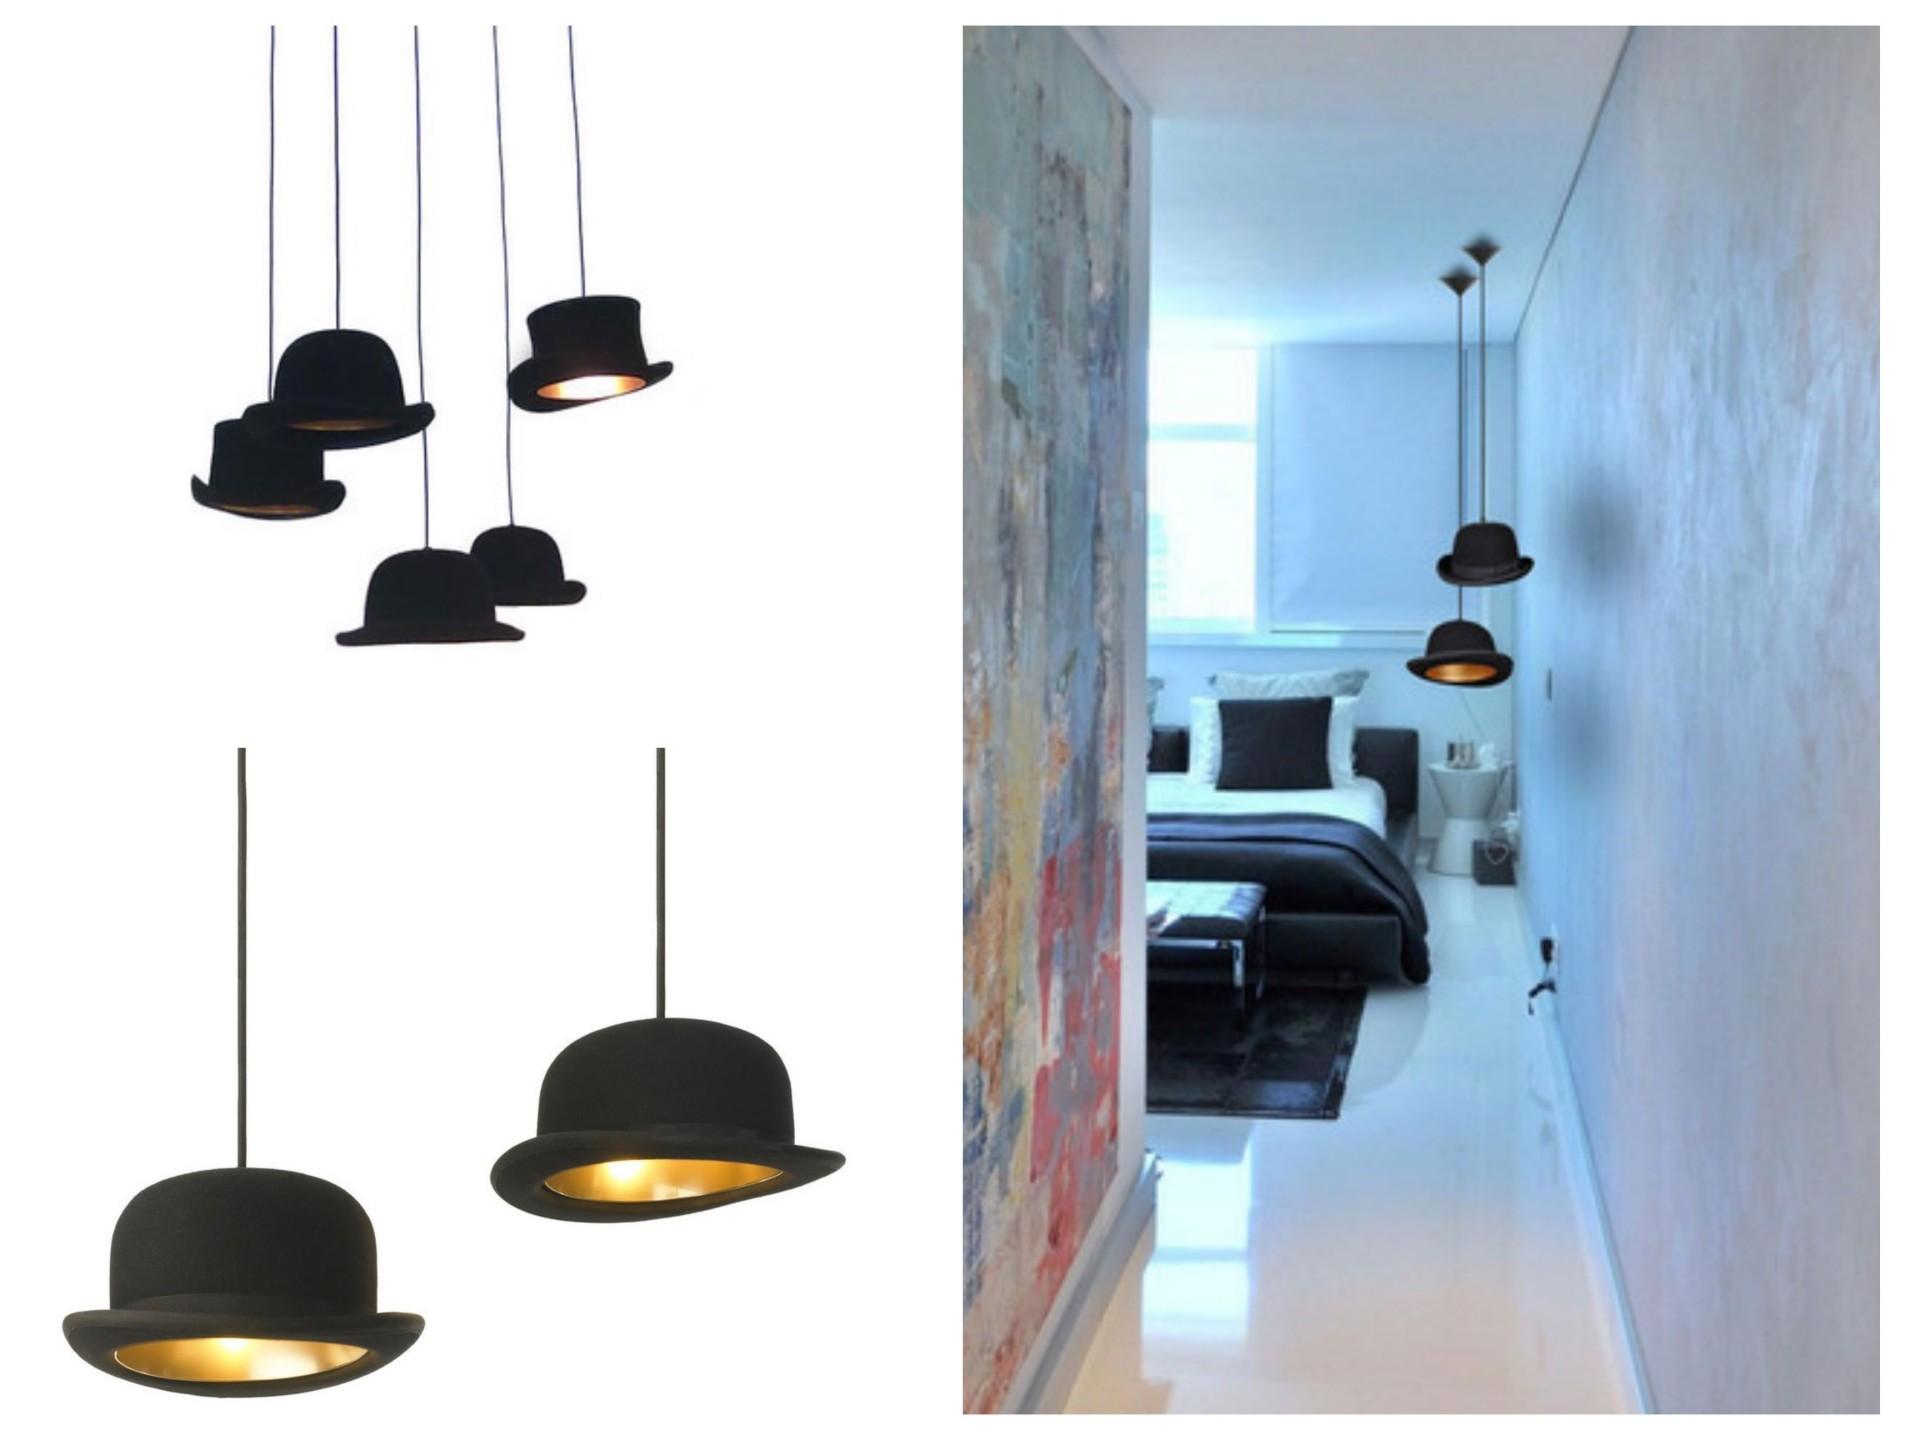 laroshe du design petits prix blog d co blog design clem around the corner. Black Bedroom Furniture Sets. Home Design Ideas